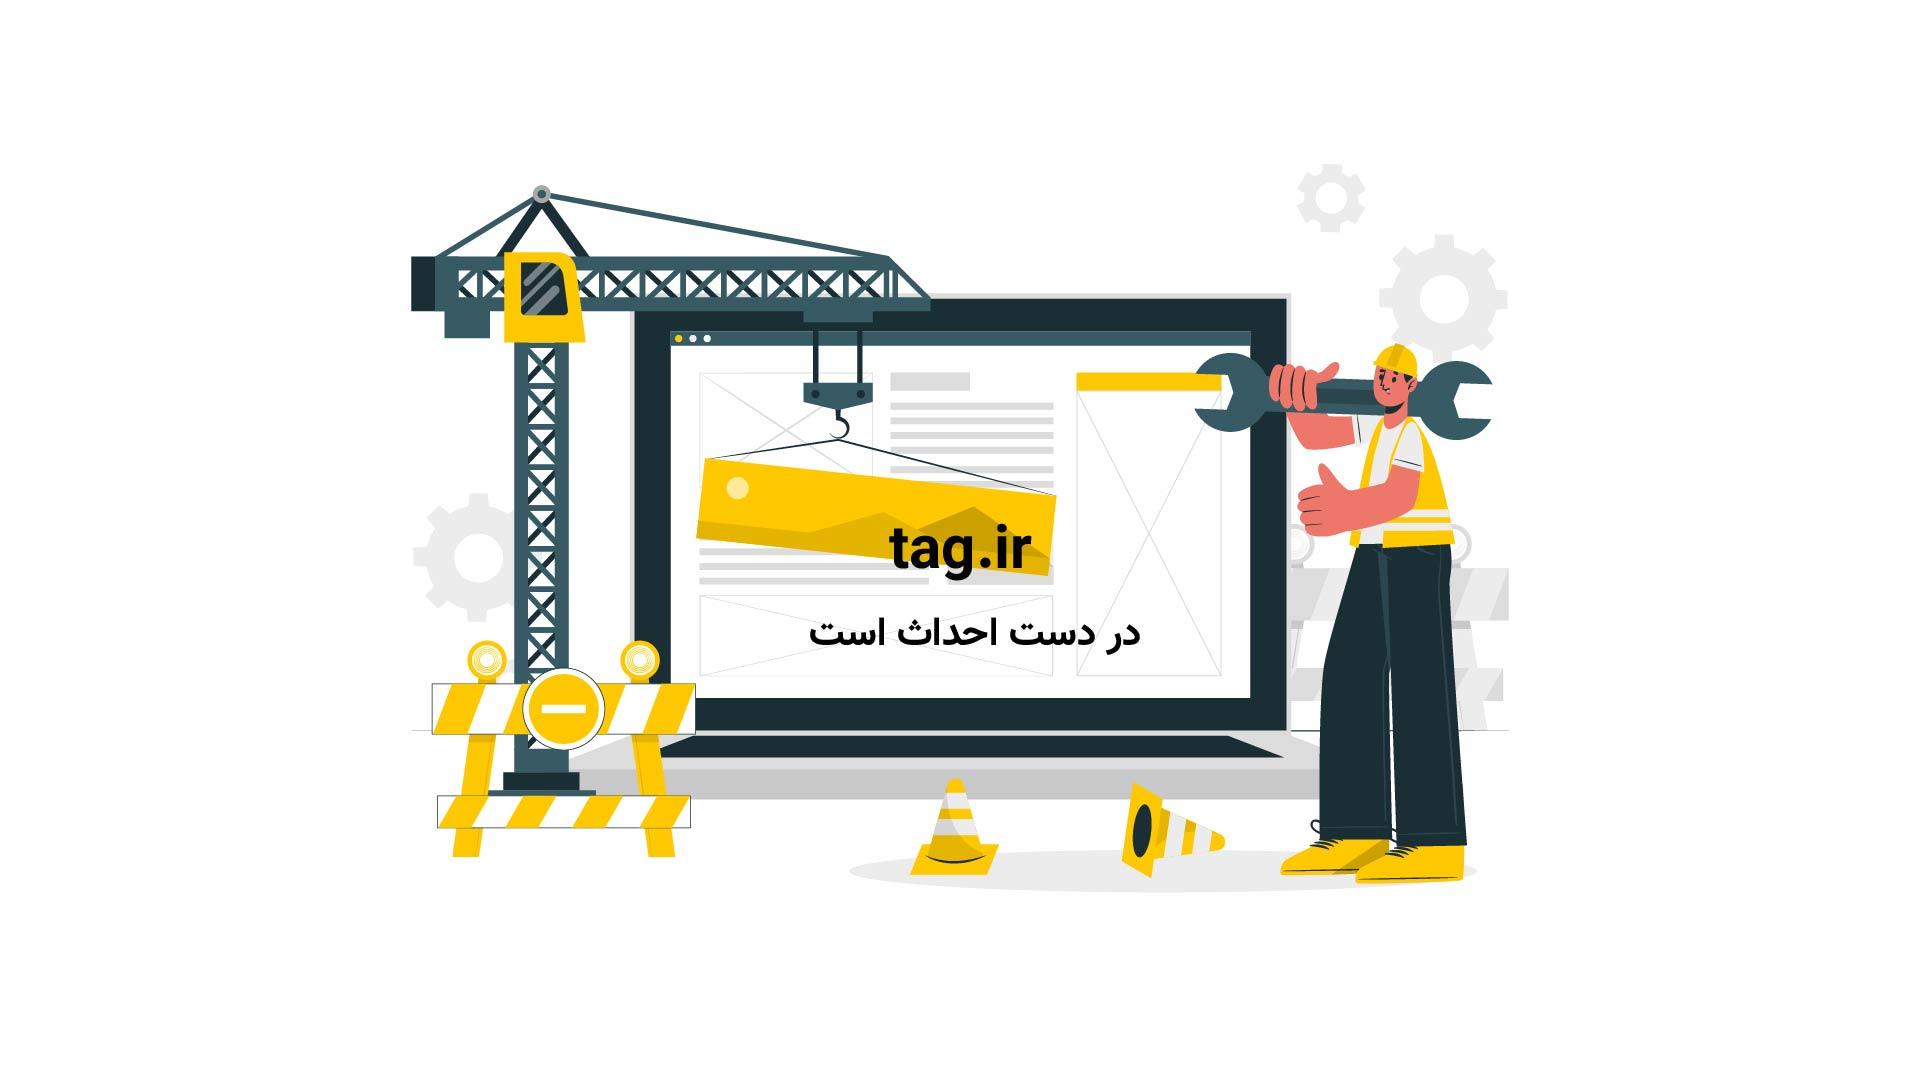 معرفی بازی موبایل چالش برانگیز لینتریکس | فیلم